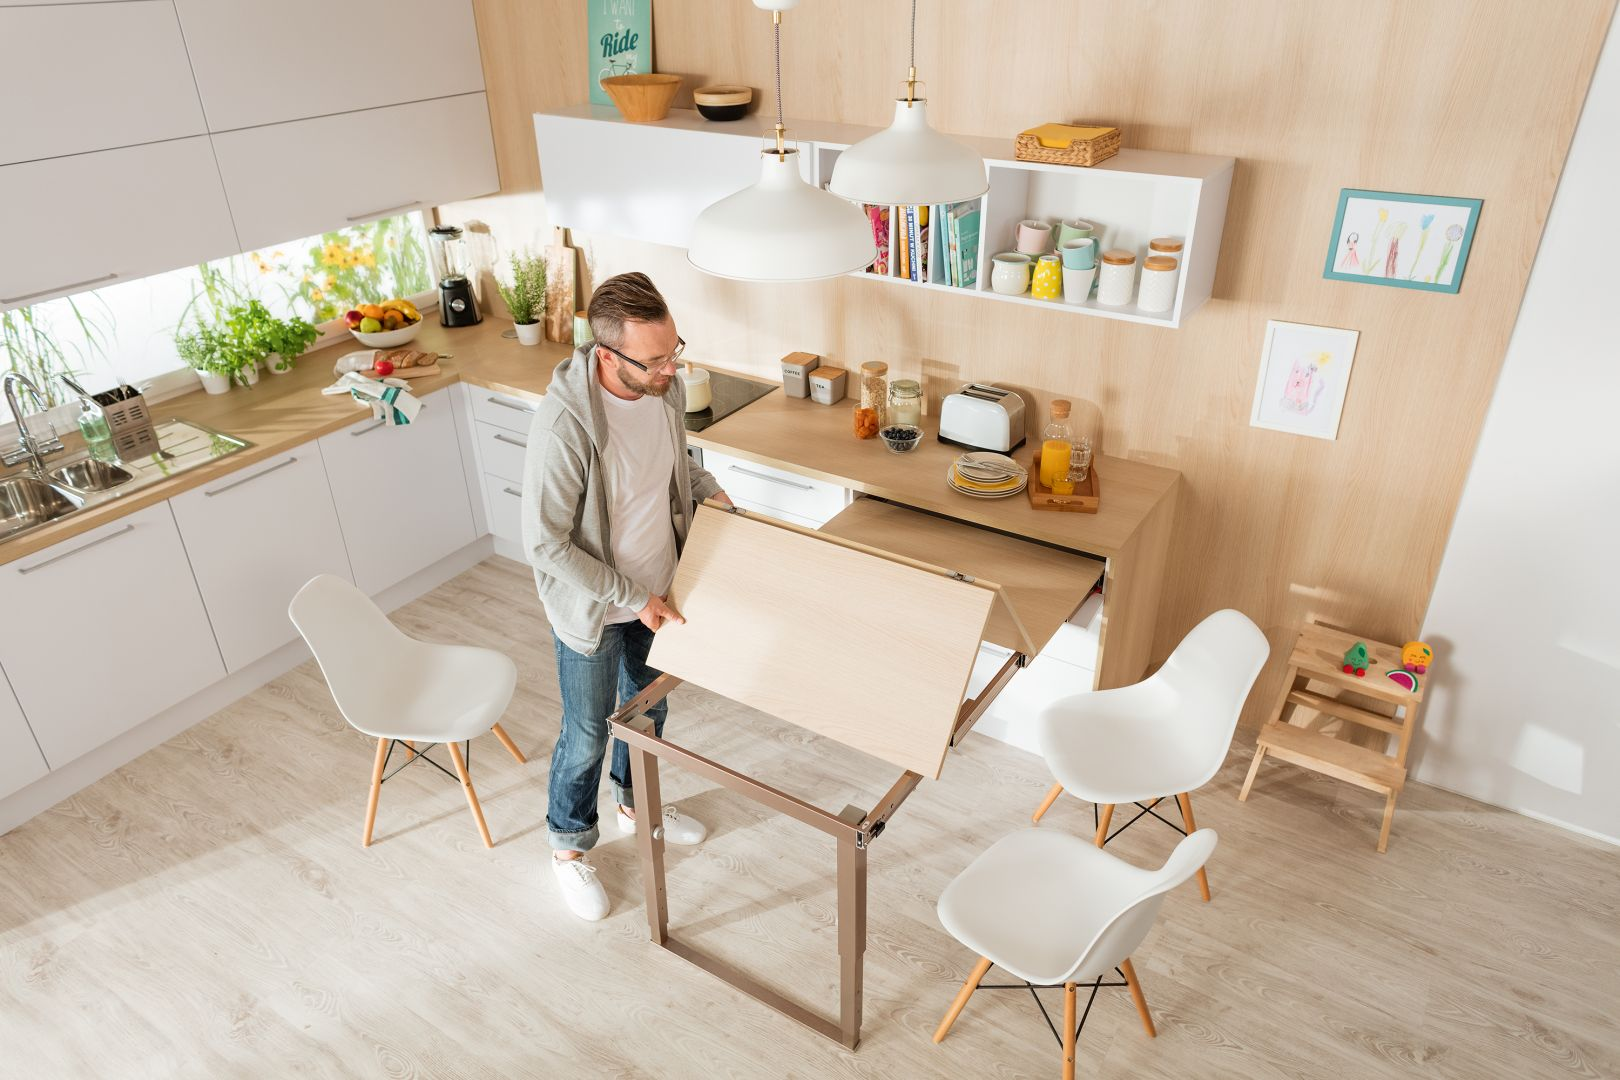 Najważniejsze w nowym roku będzie jednak znalezienie prostego sposobu na biuro domowe. Wielofunkcyjne meble, sprytne okucia, ruchome elementy i inteligentne oświetlenie idą z pomocą. Fot. Häfele